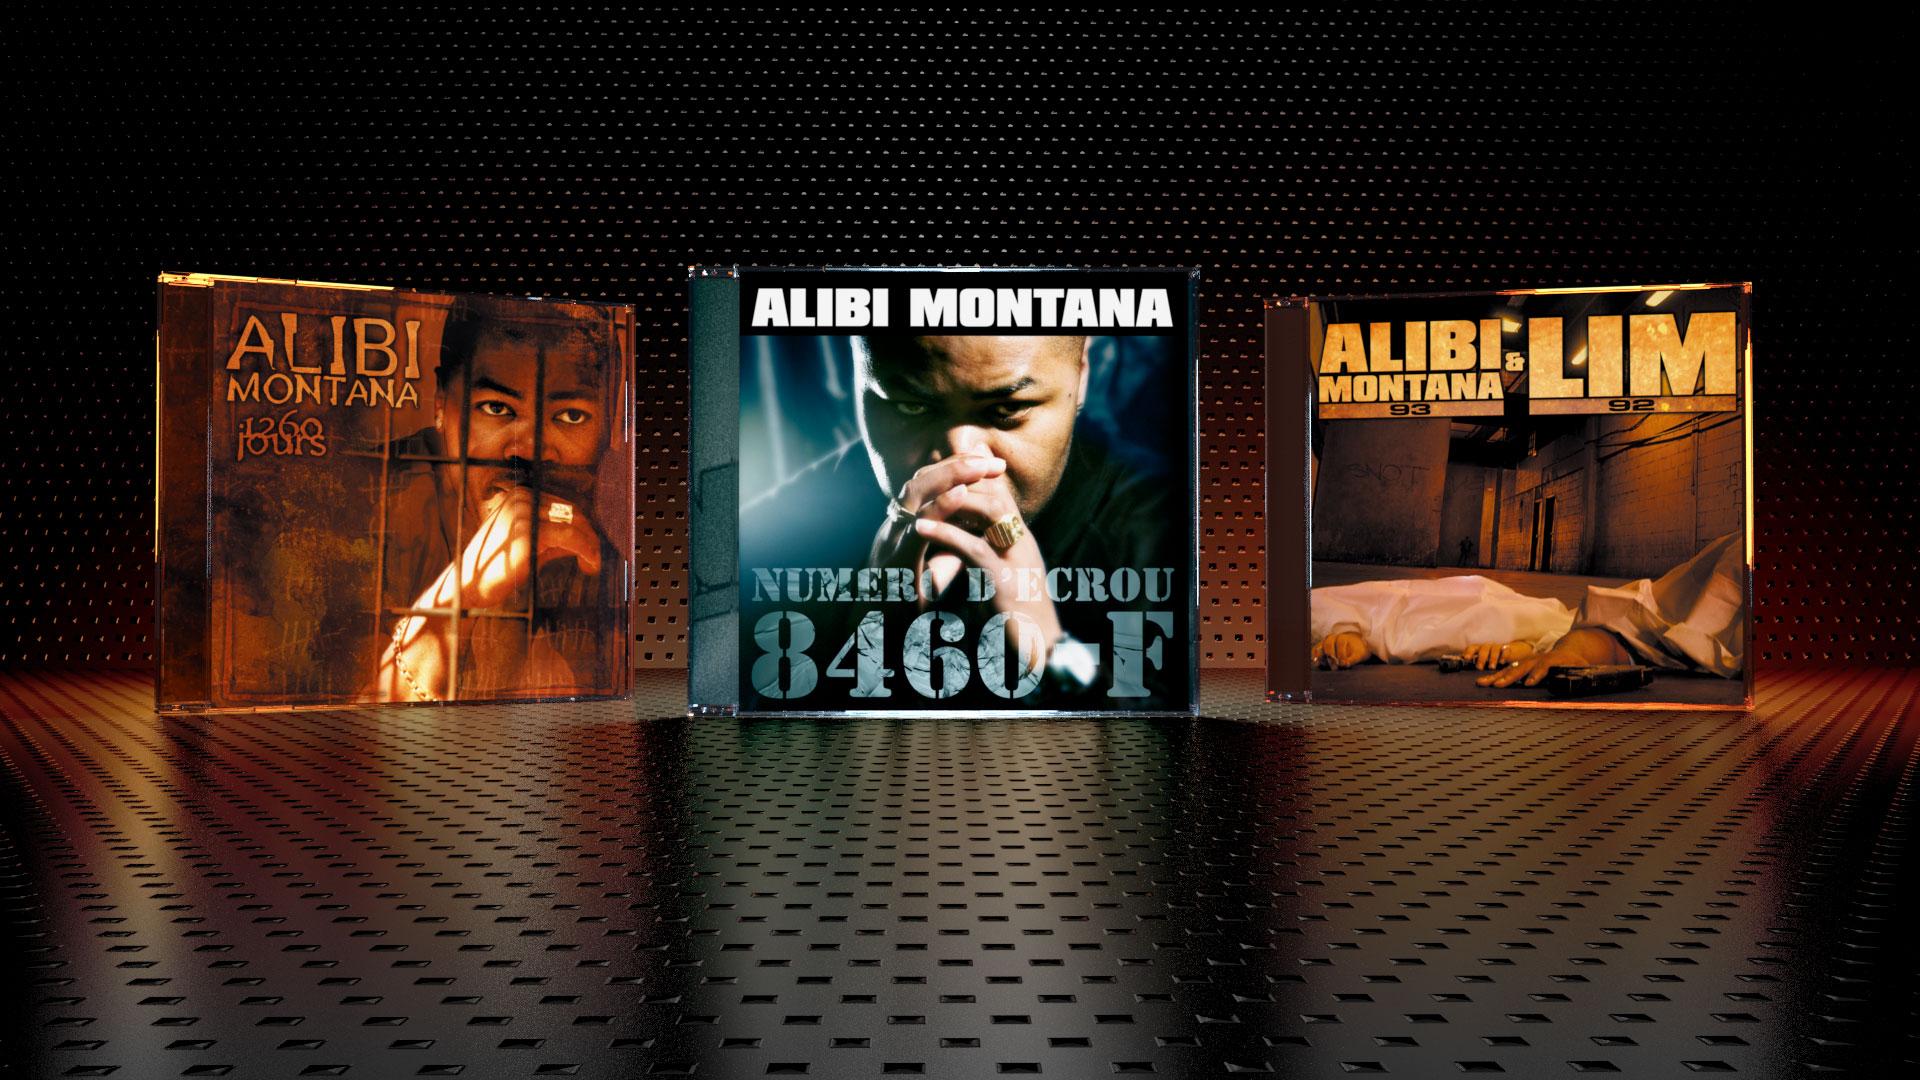 Photos et Pochettes de disques pour Alibi Montana, and LIM : 1260 Jours, Numéro d'écrou, Rue.